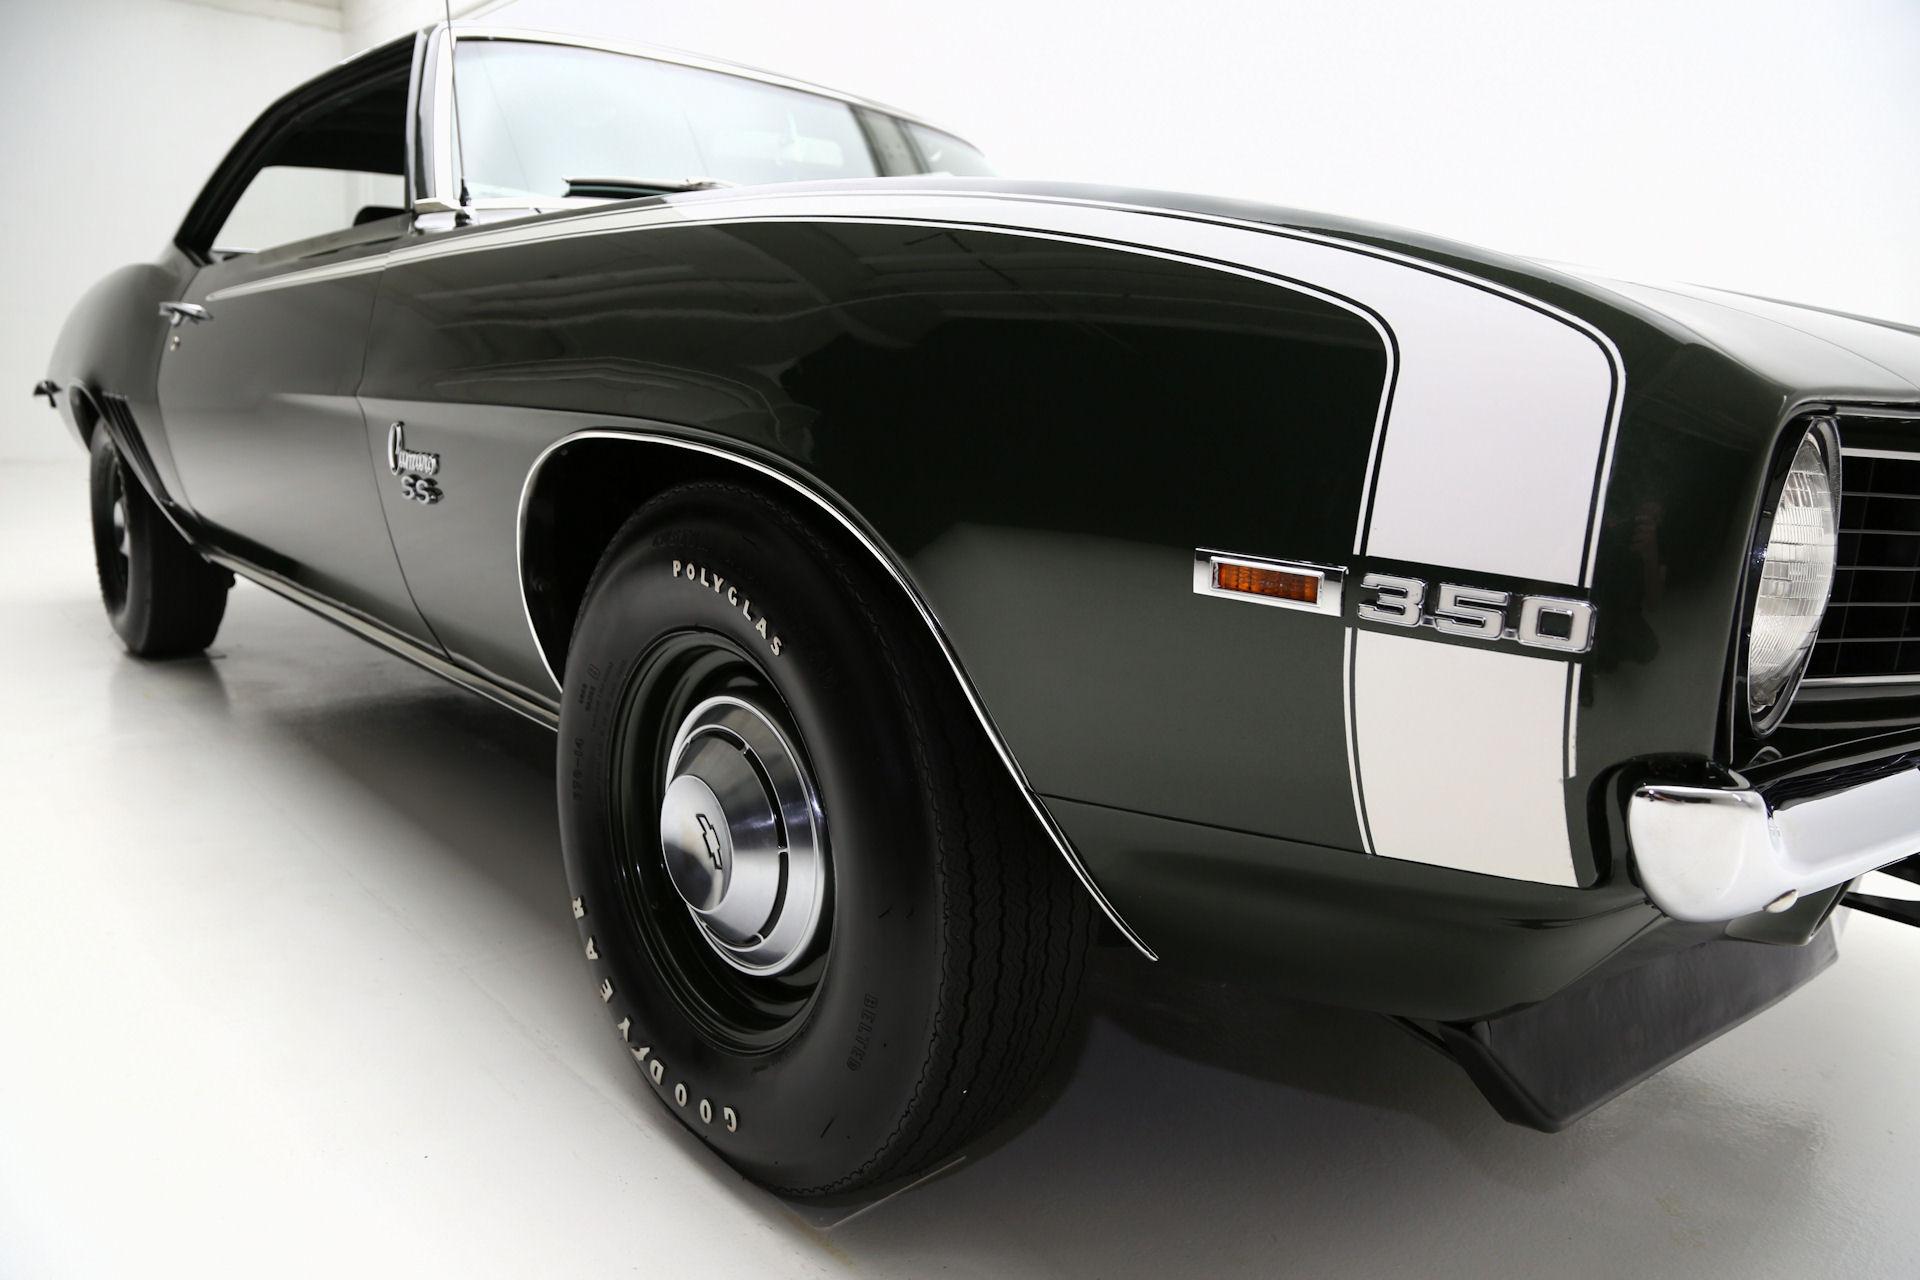 1969 Chevrolet Camaro Fathom Green Super Sport, X55, Docs - American ...